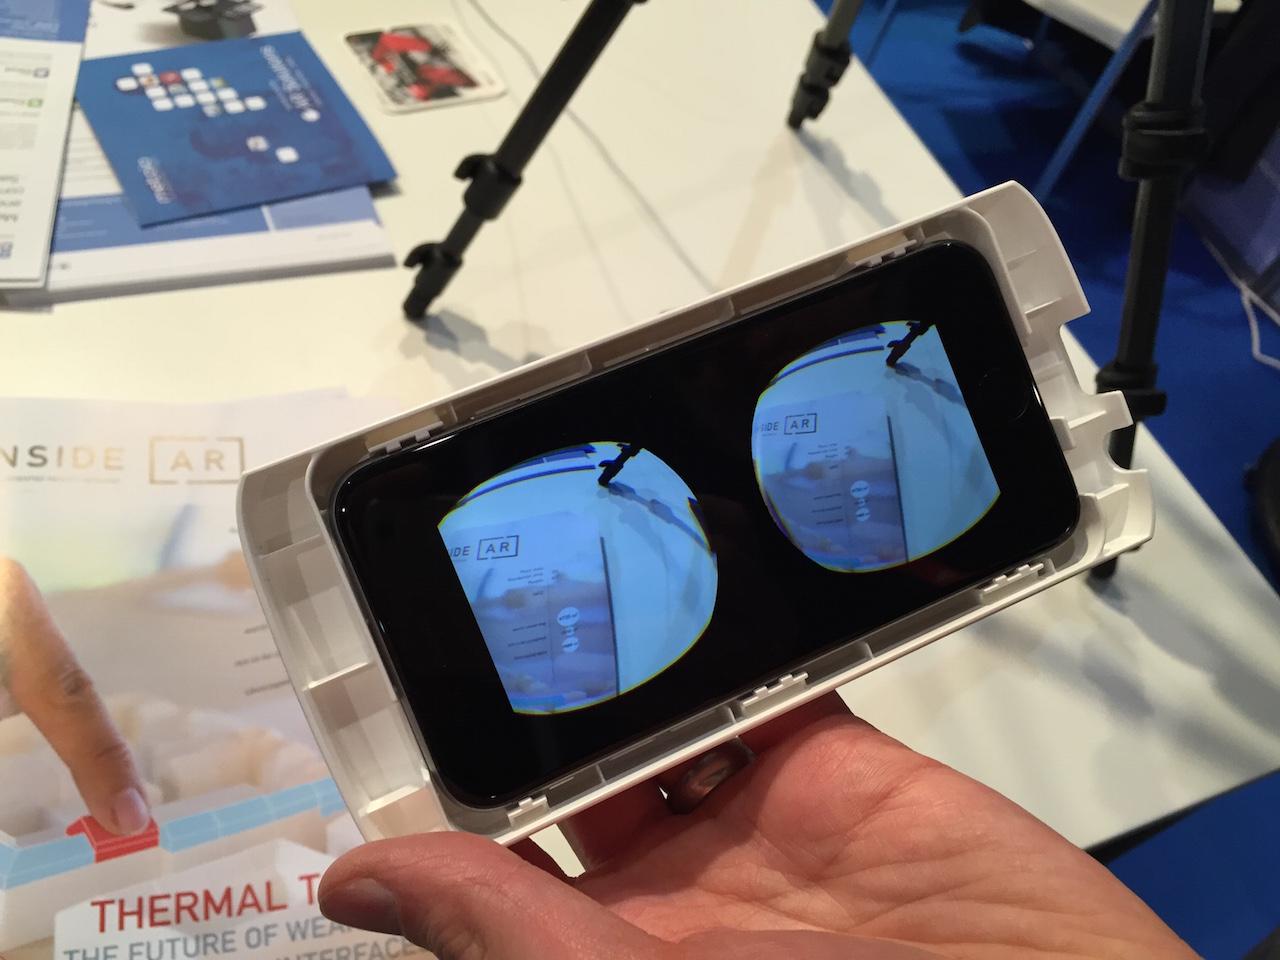 Jestem zafascynowany i przerażony tym, jakie postępy poczyniły firmy zajmujące się Virtual Reality i Augmented Reality